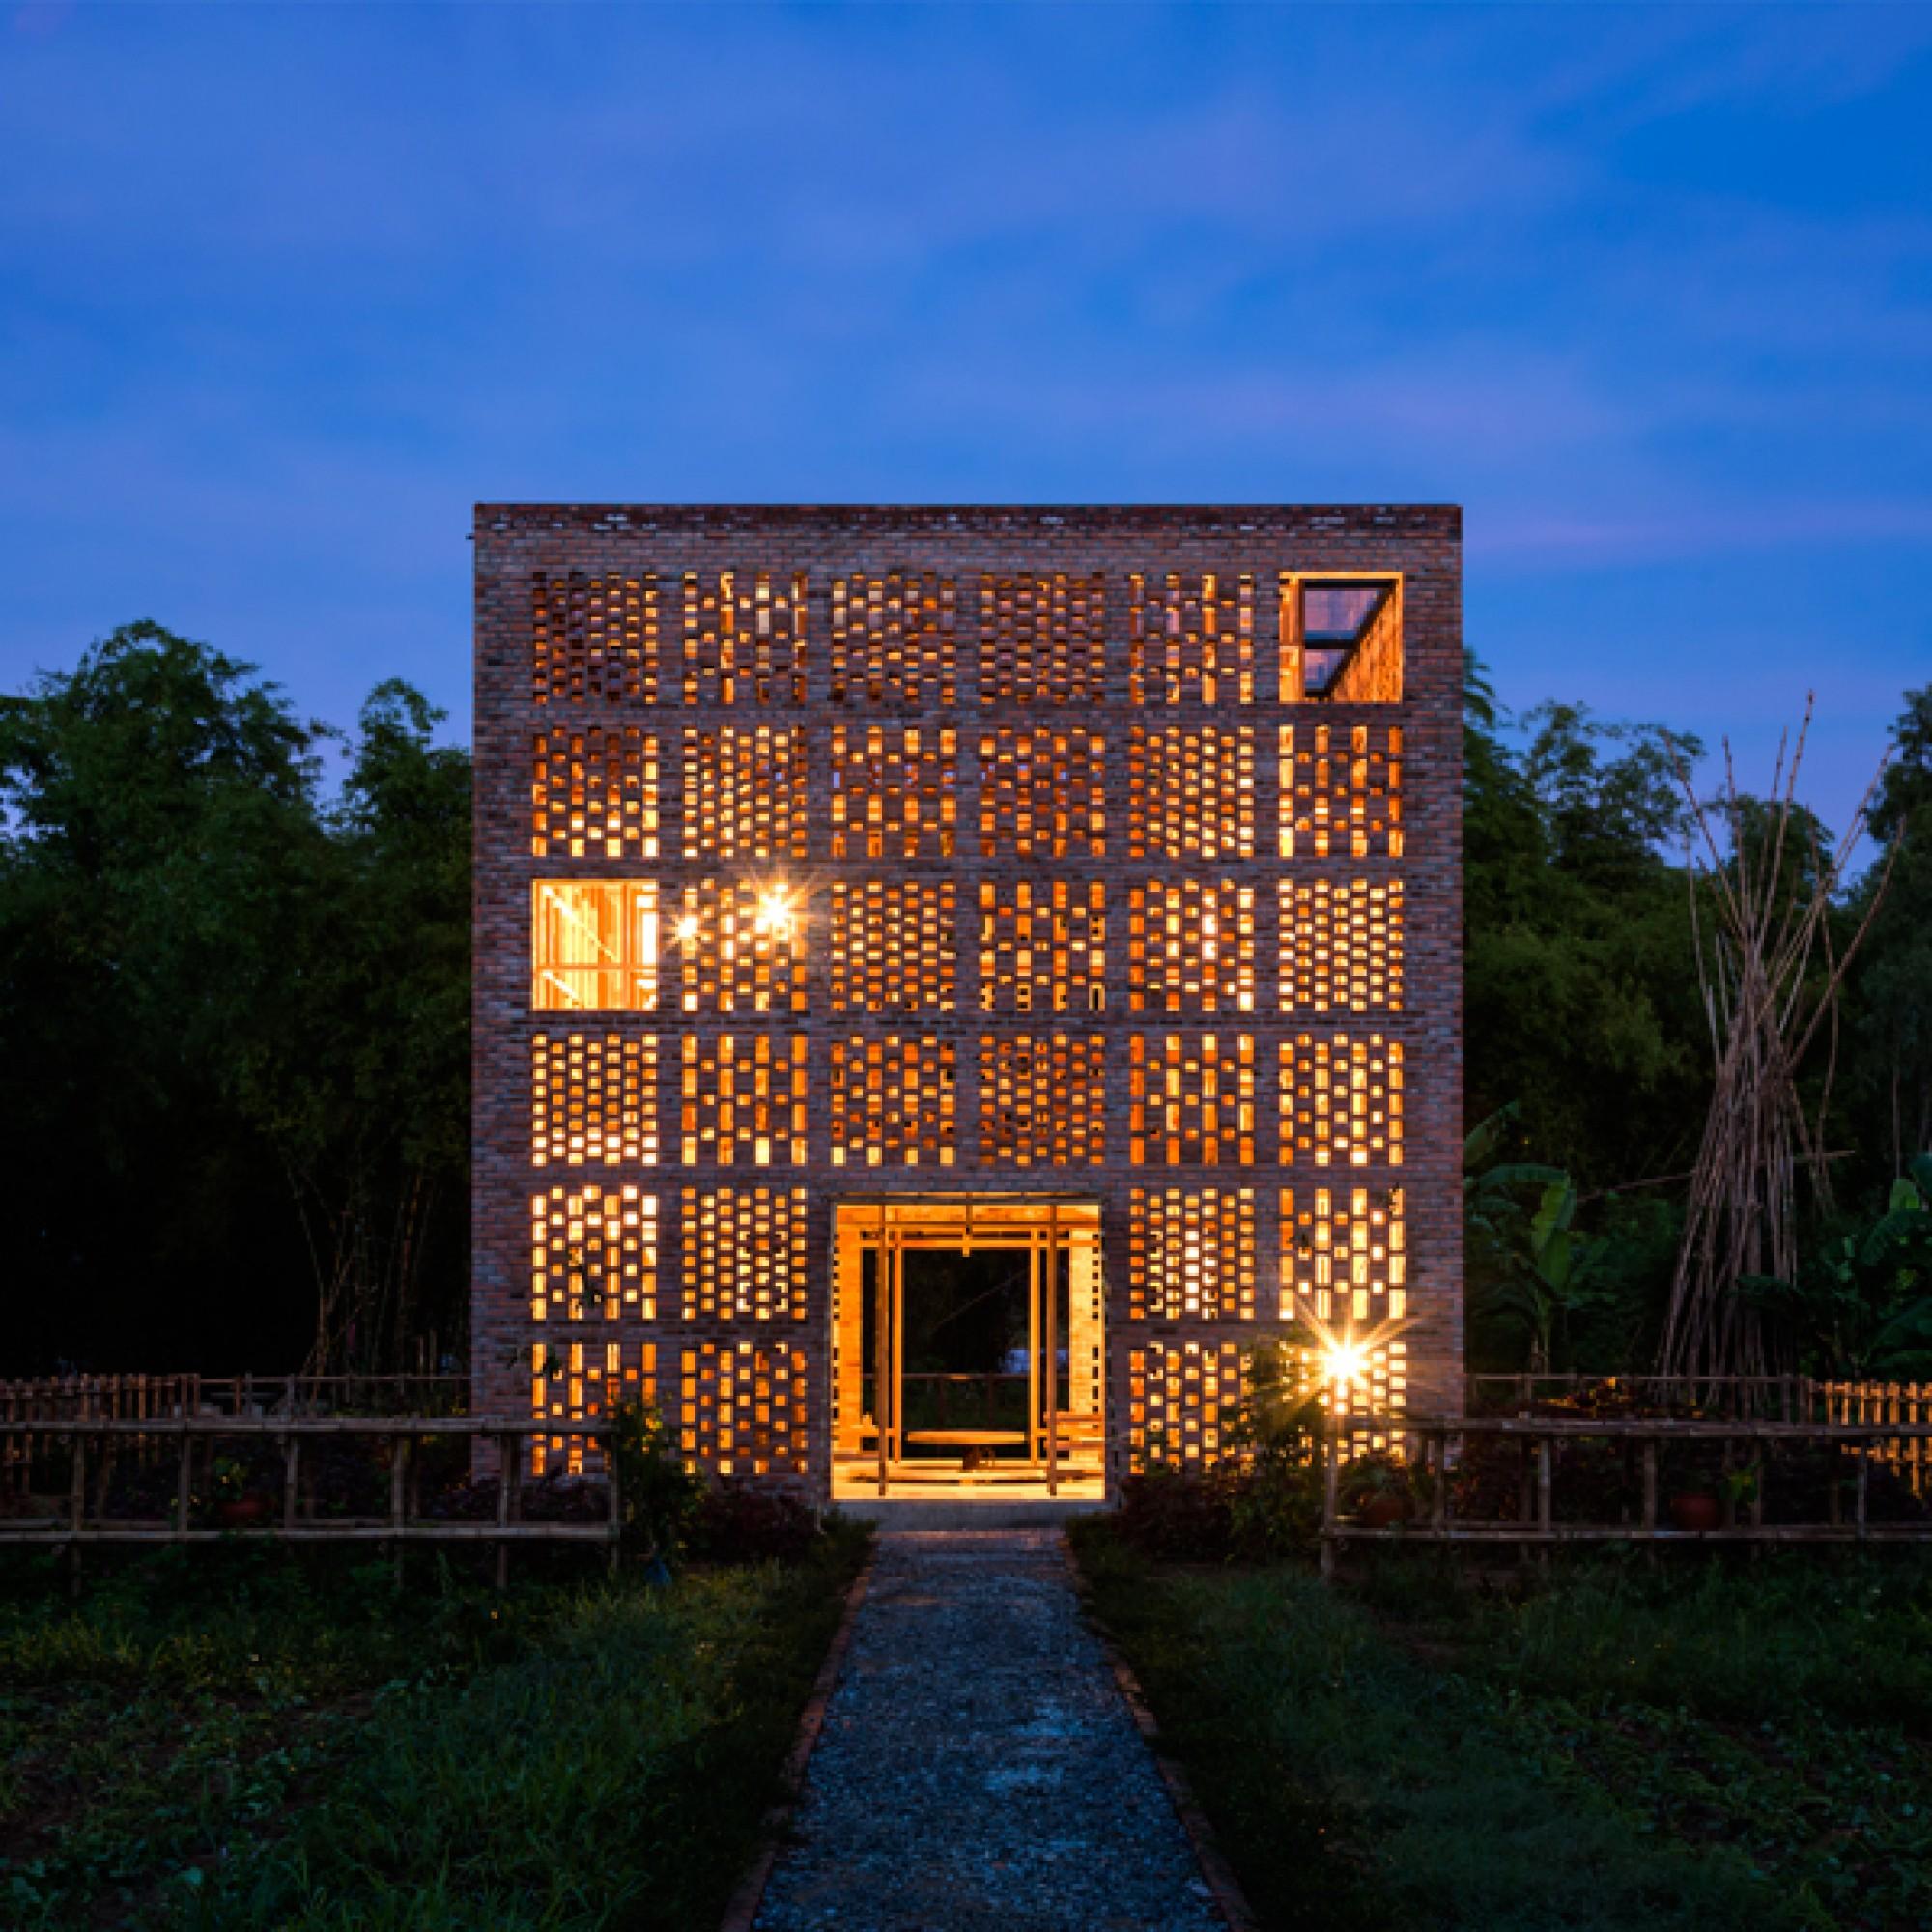 Auch nachts ist der Pavillon ein faszinierender Anblick. (Hiroyuki Oki/zvg)